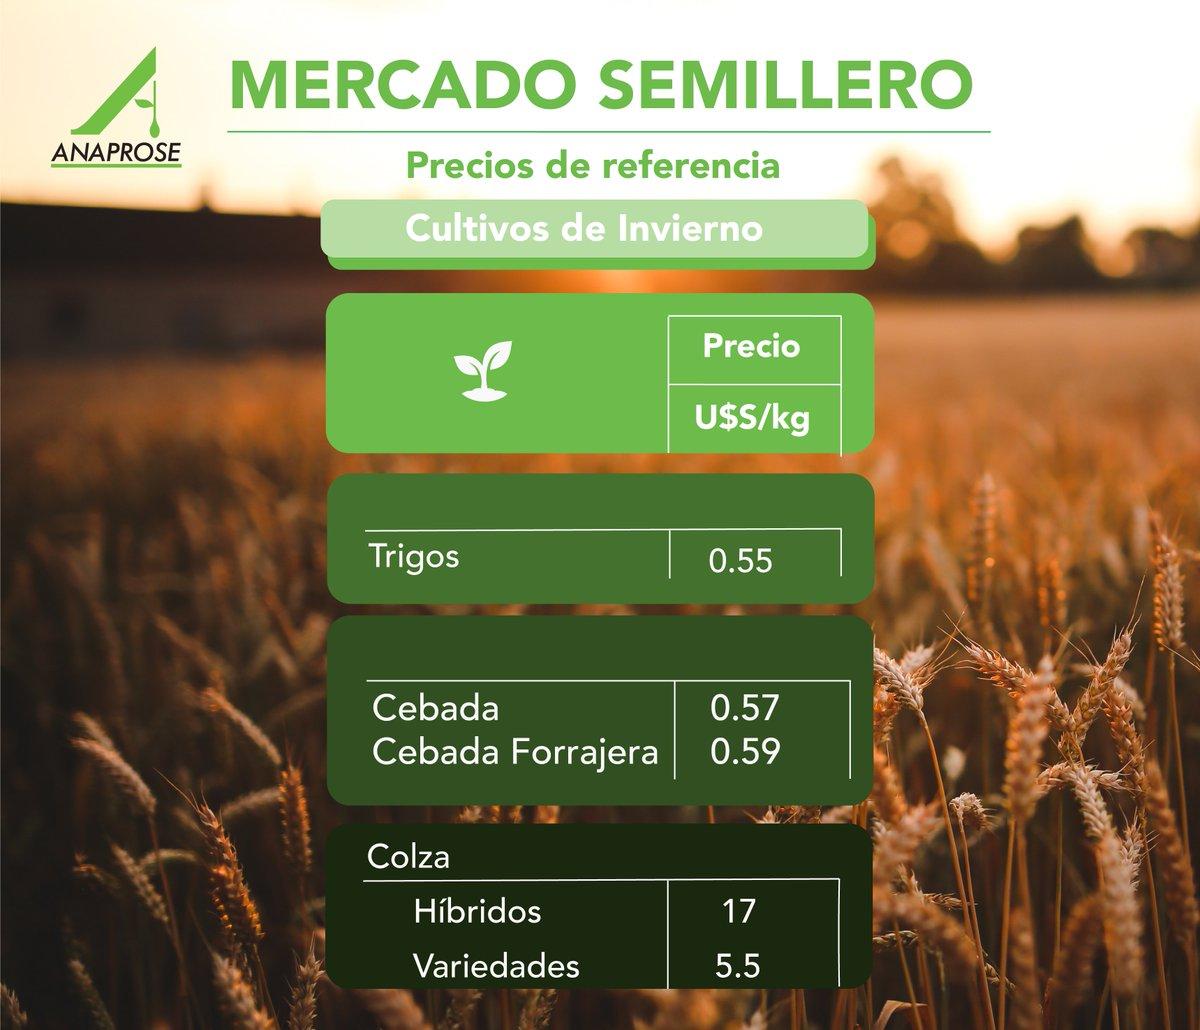 test Twitter Media - 🌱 Los invitamos a ver los precios de referencia de los cultivos de invierno en nuestra web 👇🏼 https://t.co/HXSlyiF0Yz https://t.co/o4u4qz0QmH